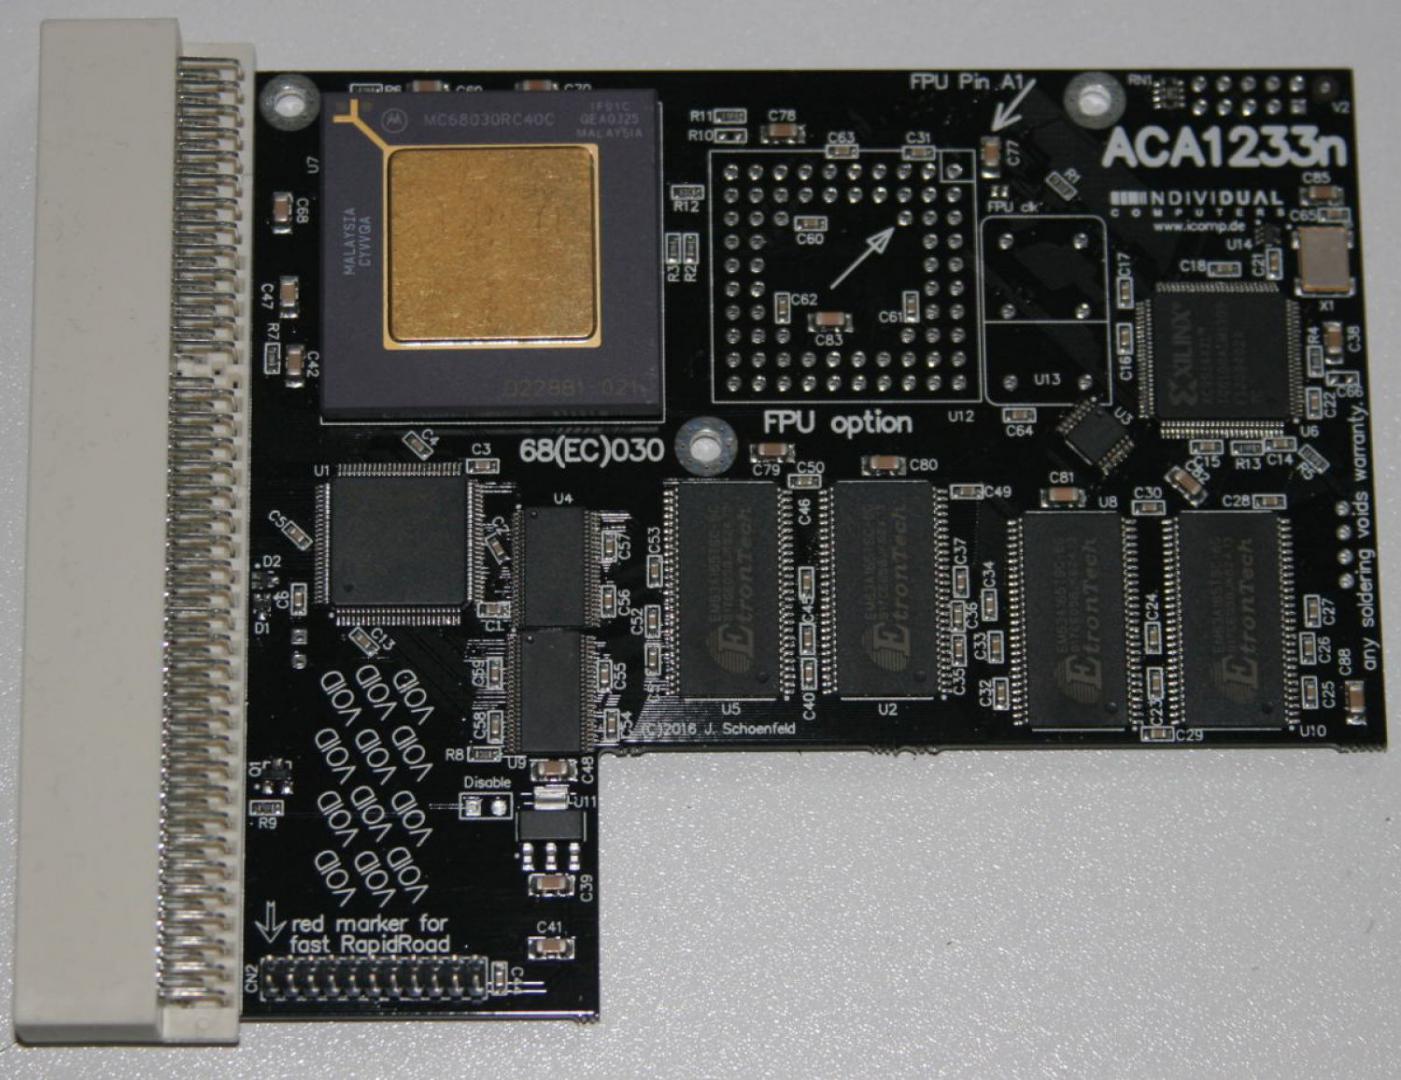 Klikněte na obrázek pro zobrazení větší verze  Název: aca1233n-40_production_unit-b2c01165.jpg Zobrazeno: 70 Velikost: 191,4 KB ID: 9623